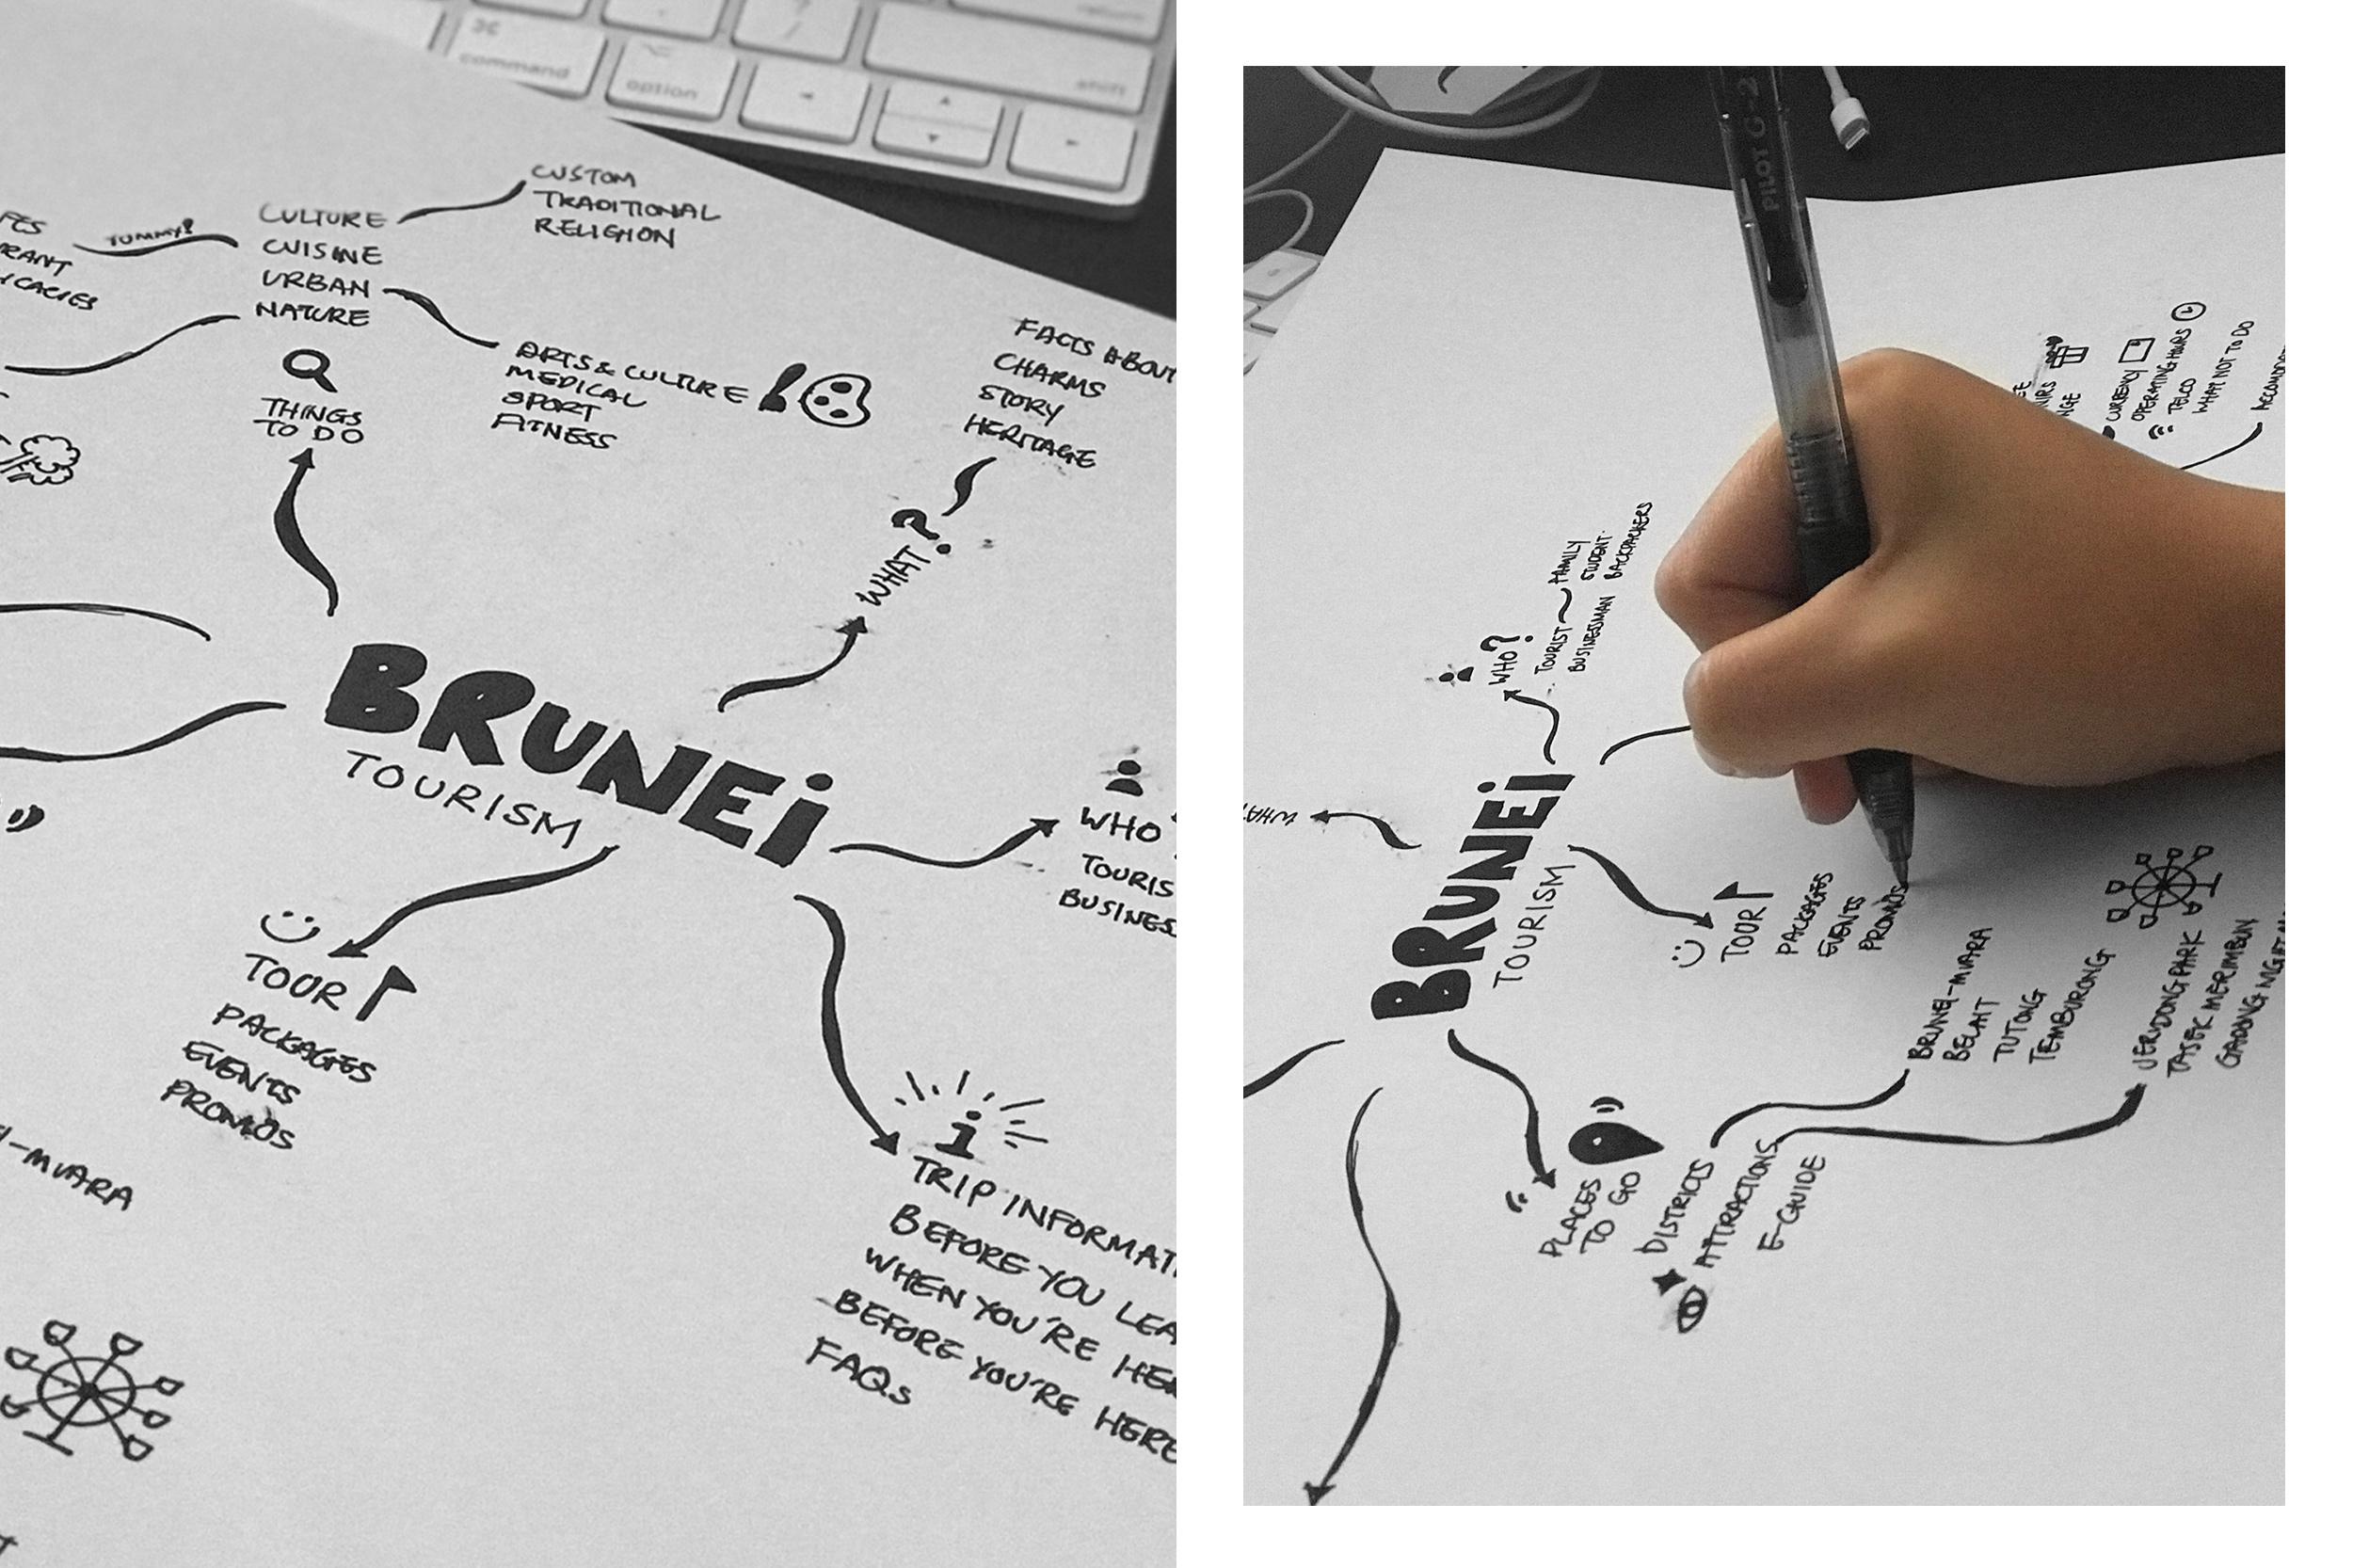 Brunei-Tourism-Website_Mindmapping-2.jpg